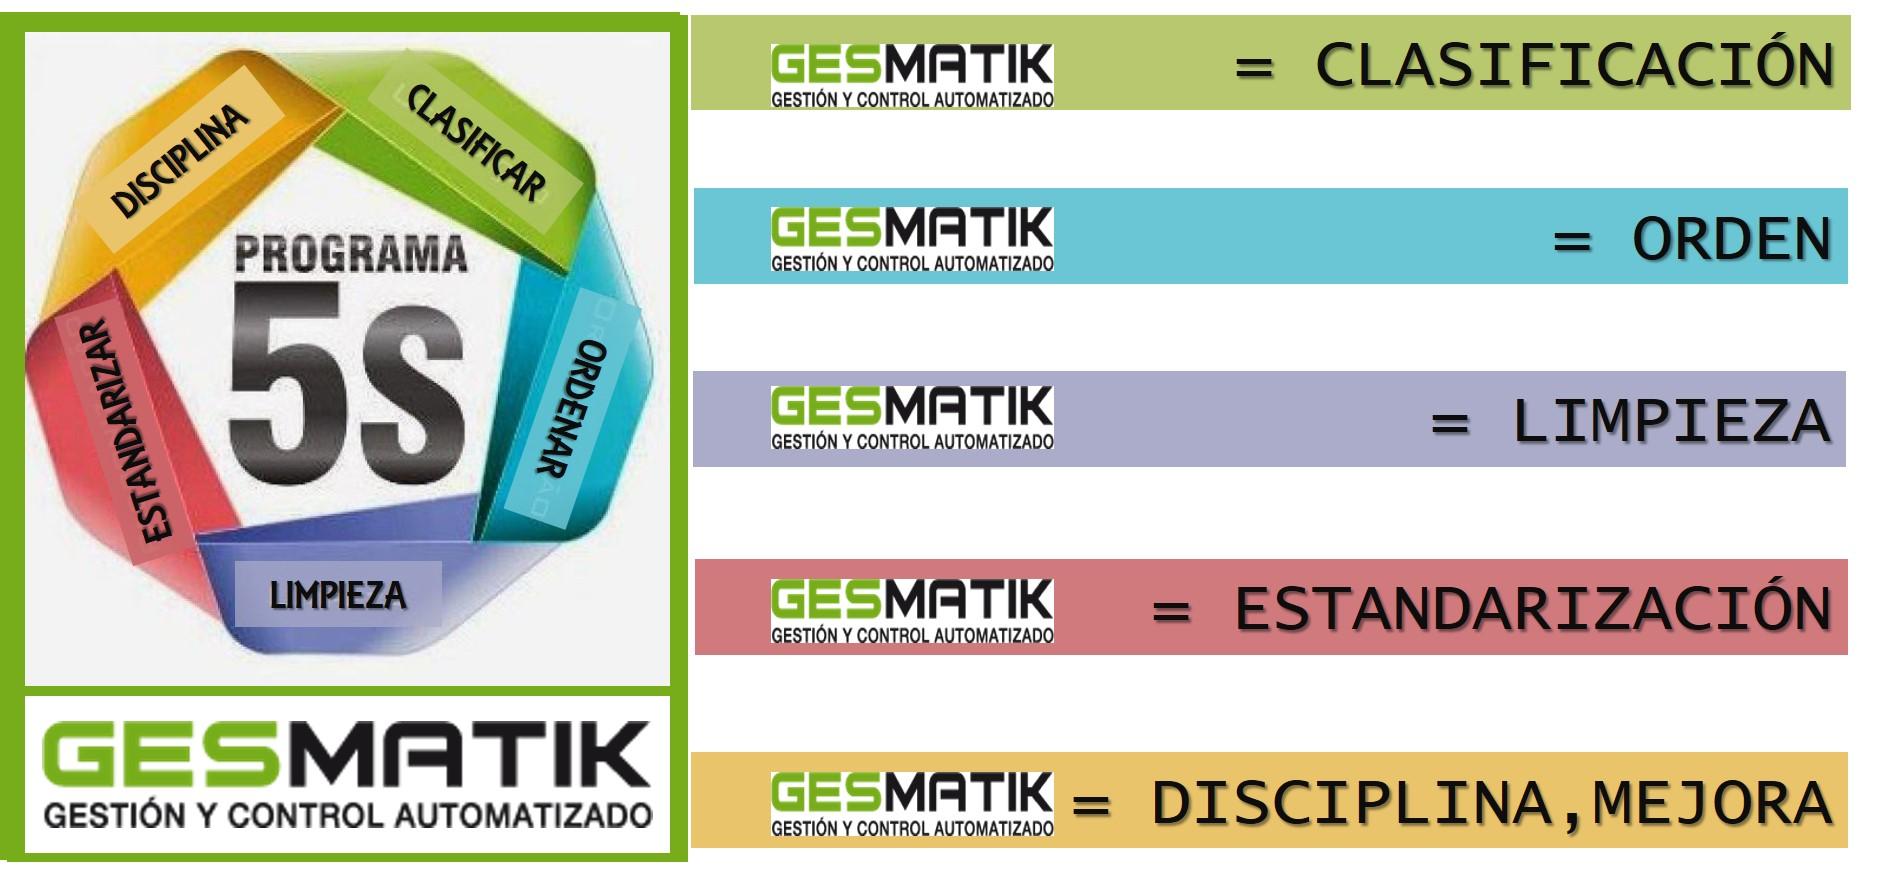 Gesmatik Un Proyecto 5s Organizacion Y Orden En Su Empresa